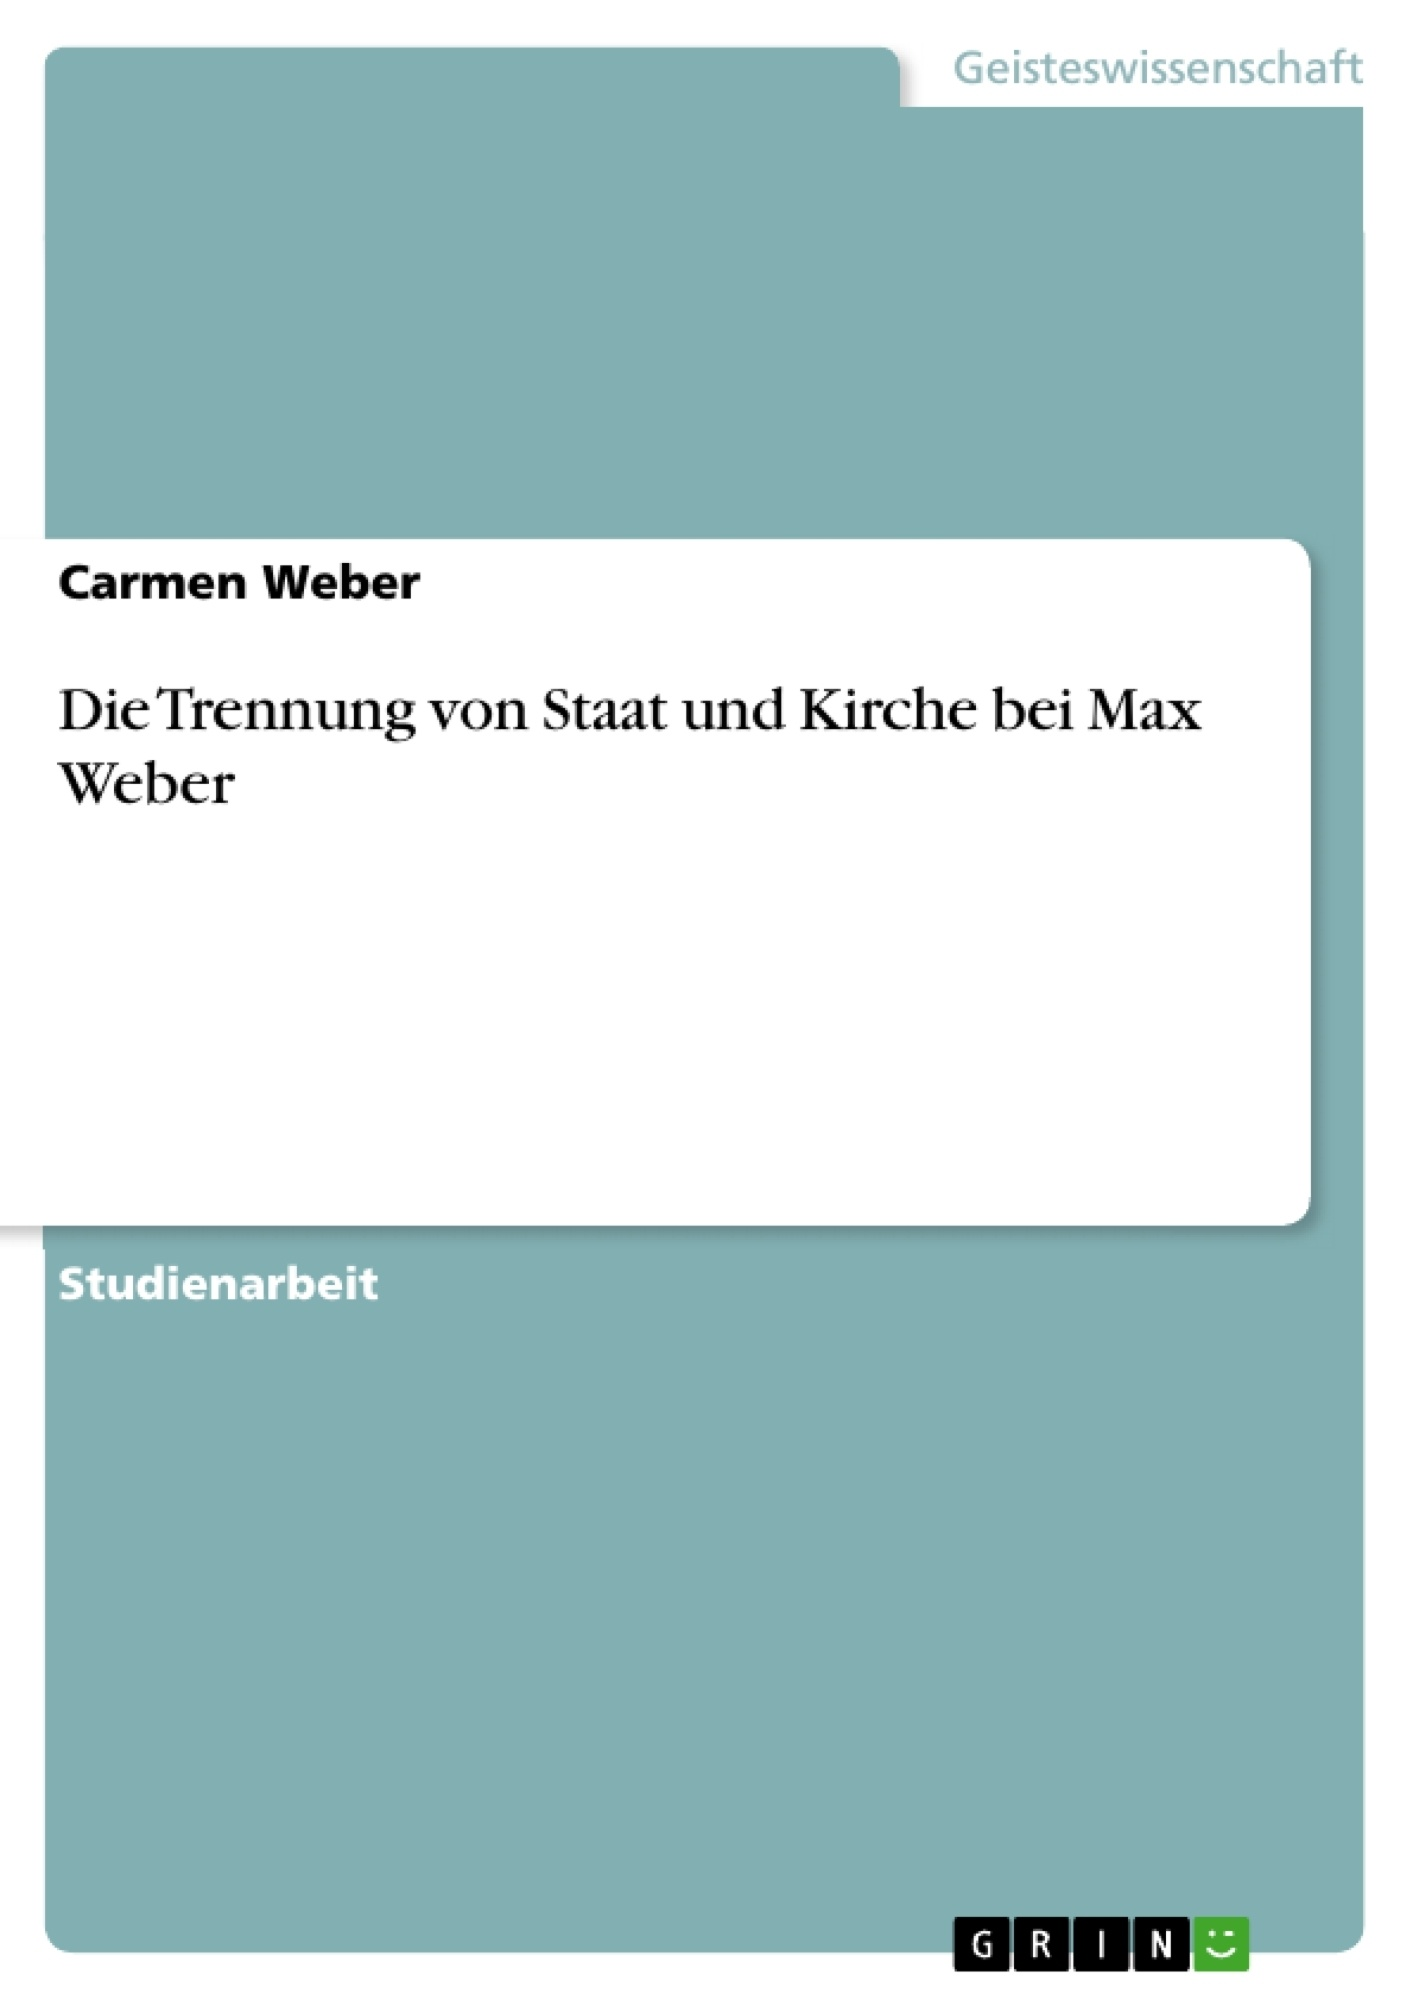 Titel: Die Trennung von Staat und Kirche bei Max Weber